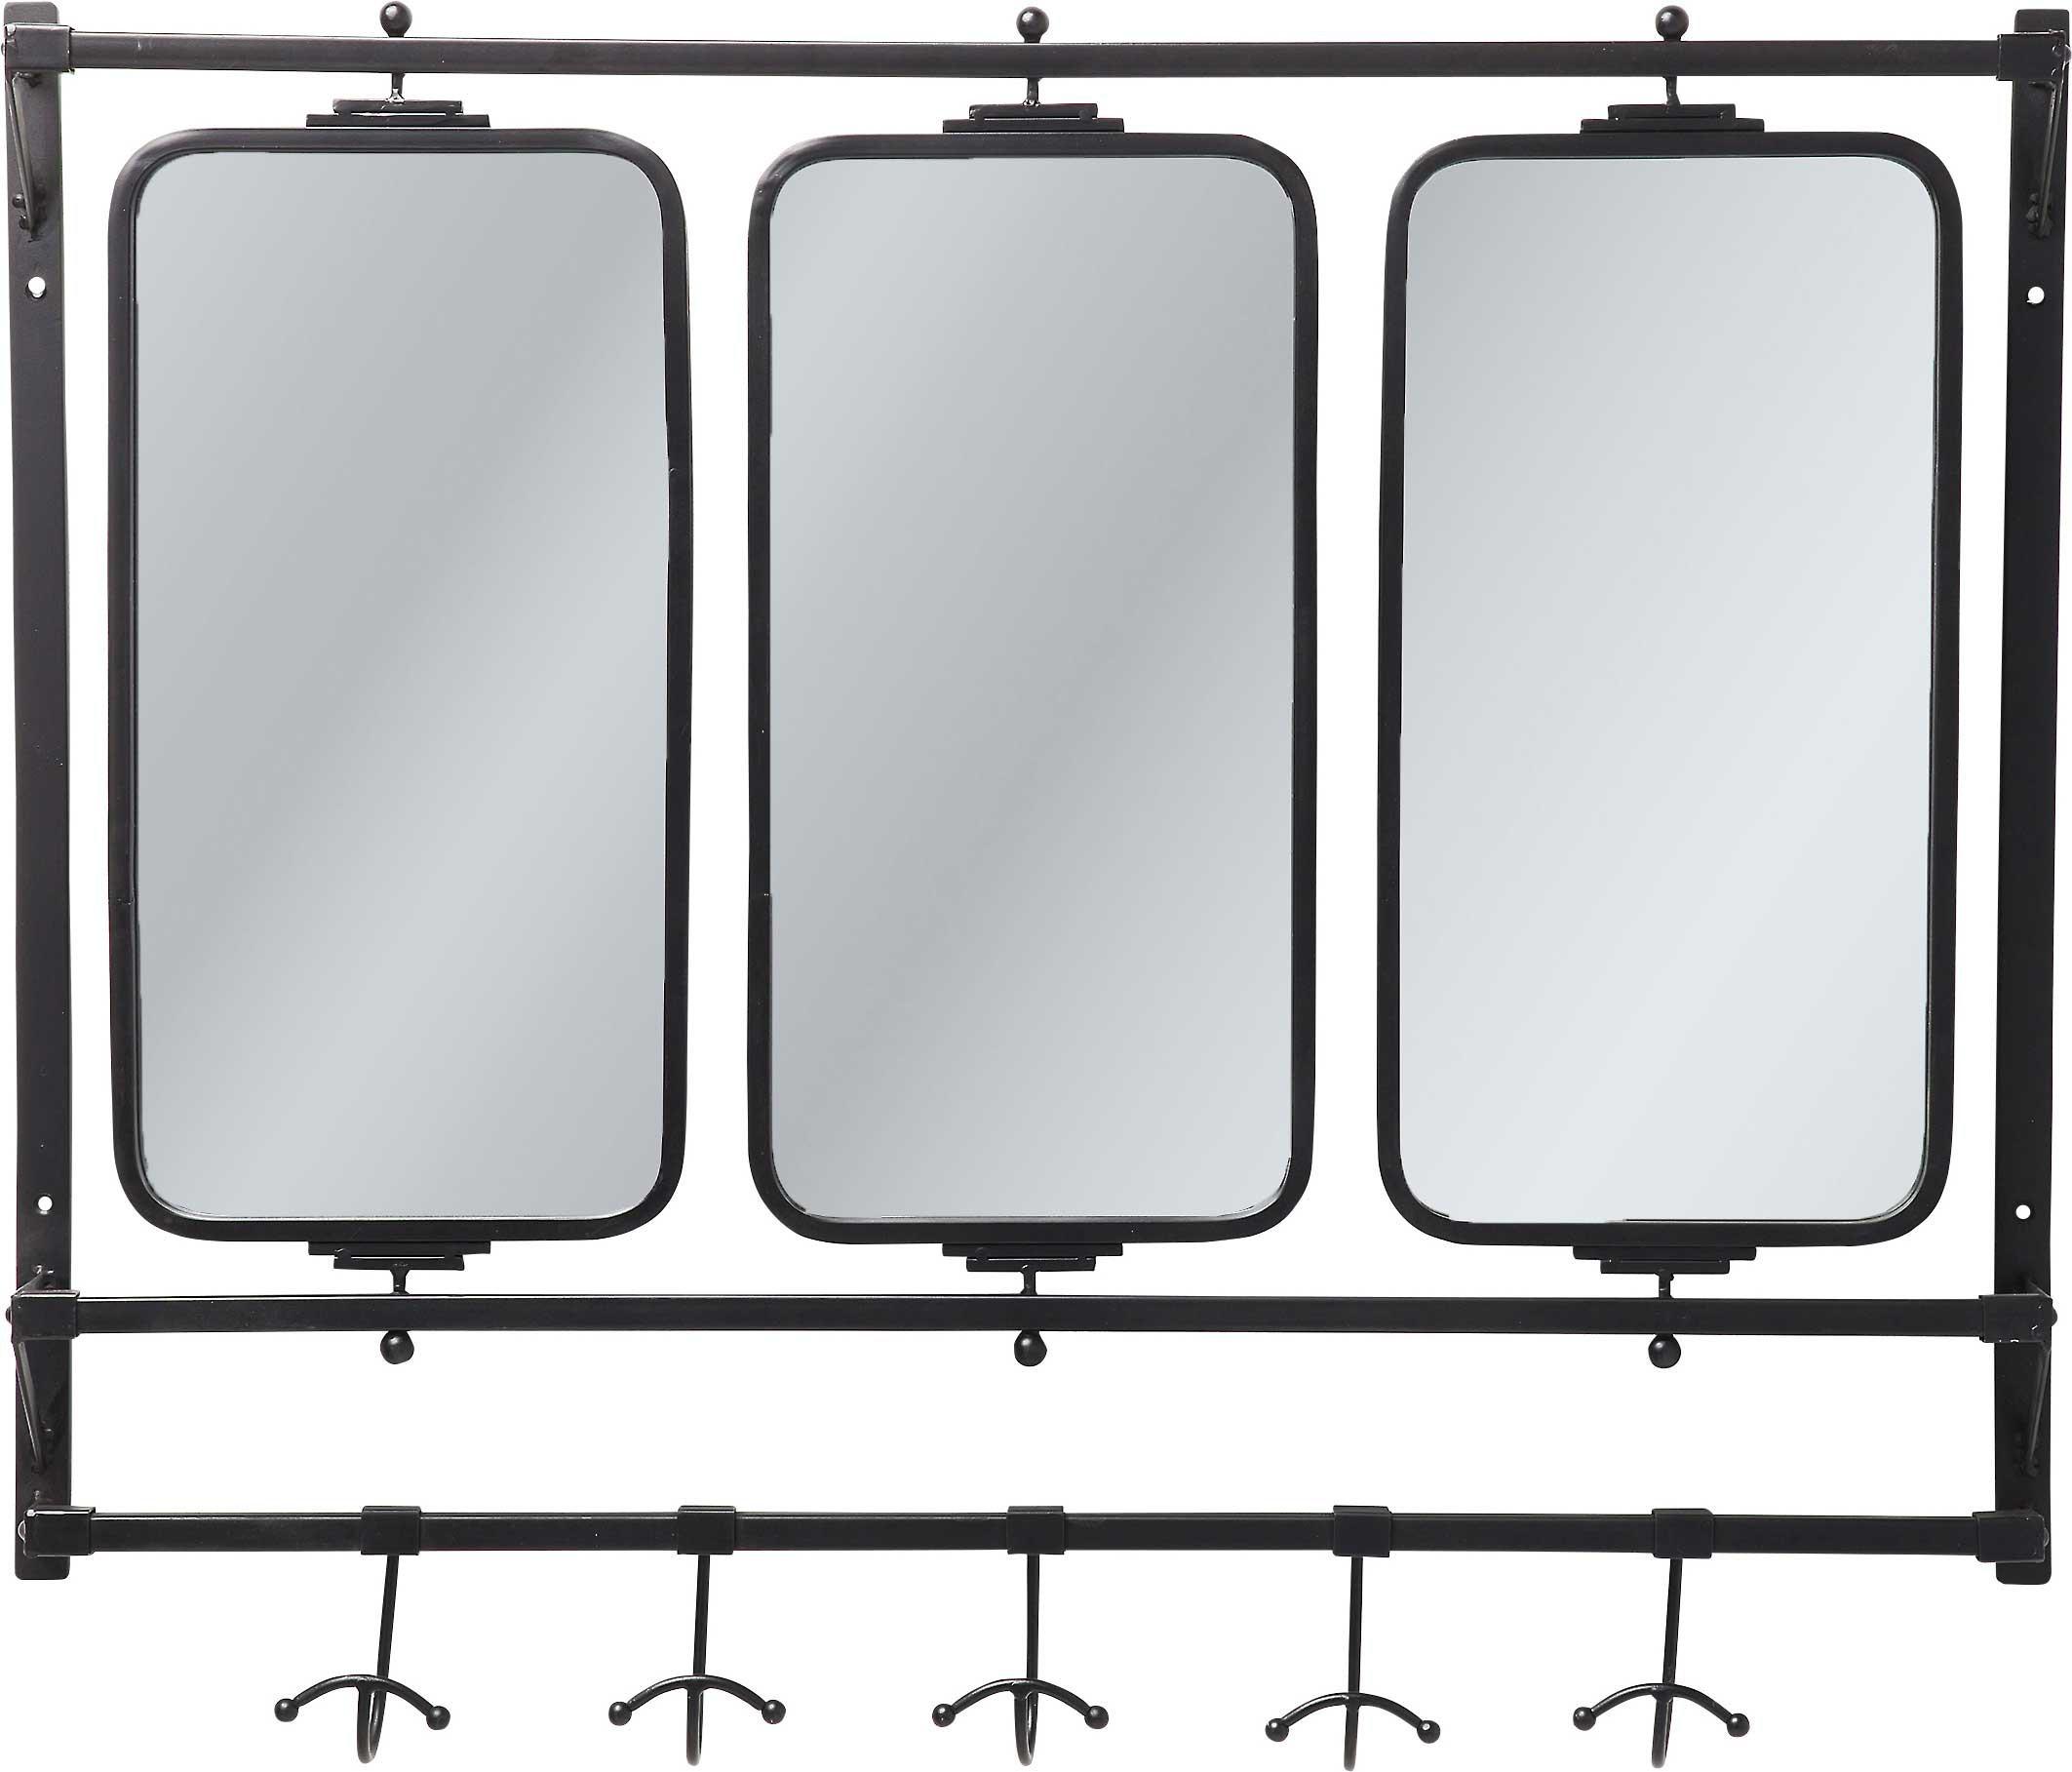 Vente miroir tritoo maison et jardin for Meuble 70x30